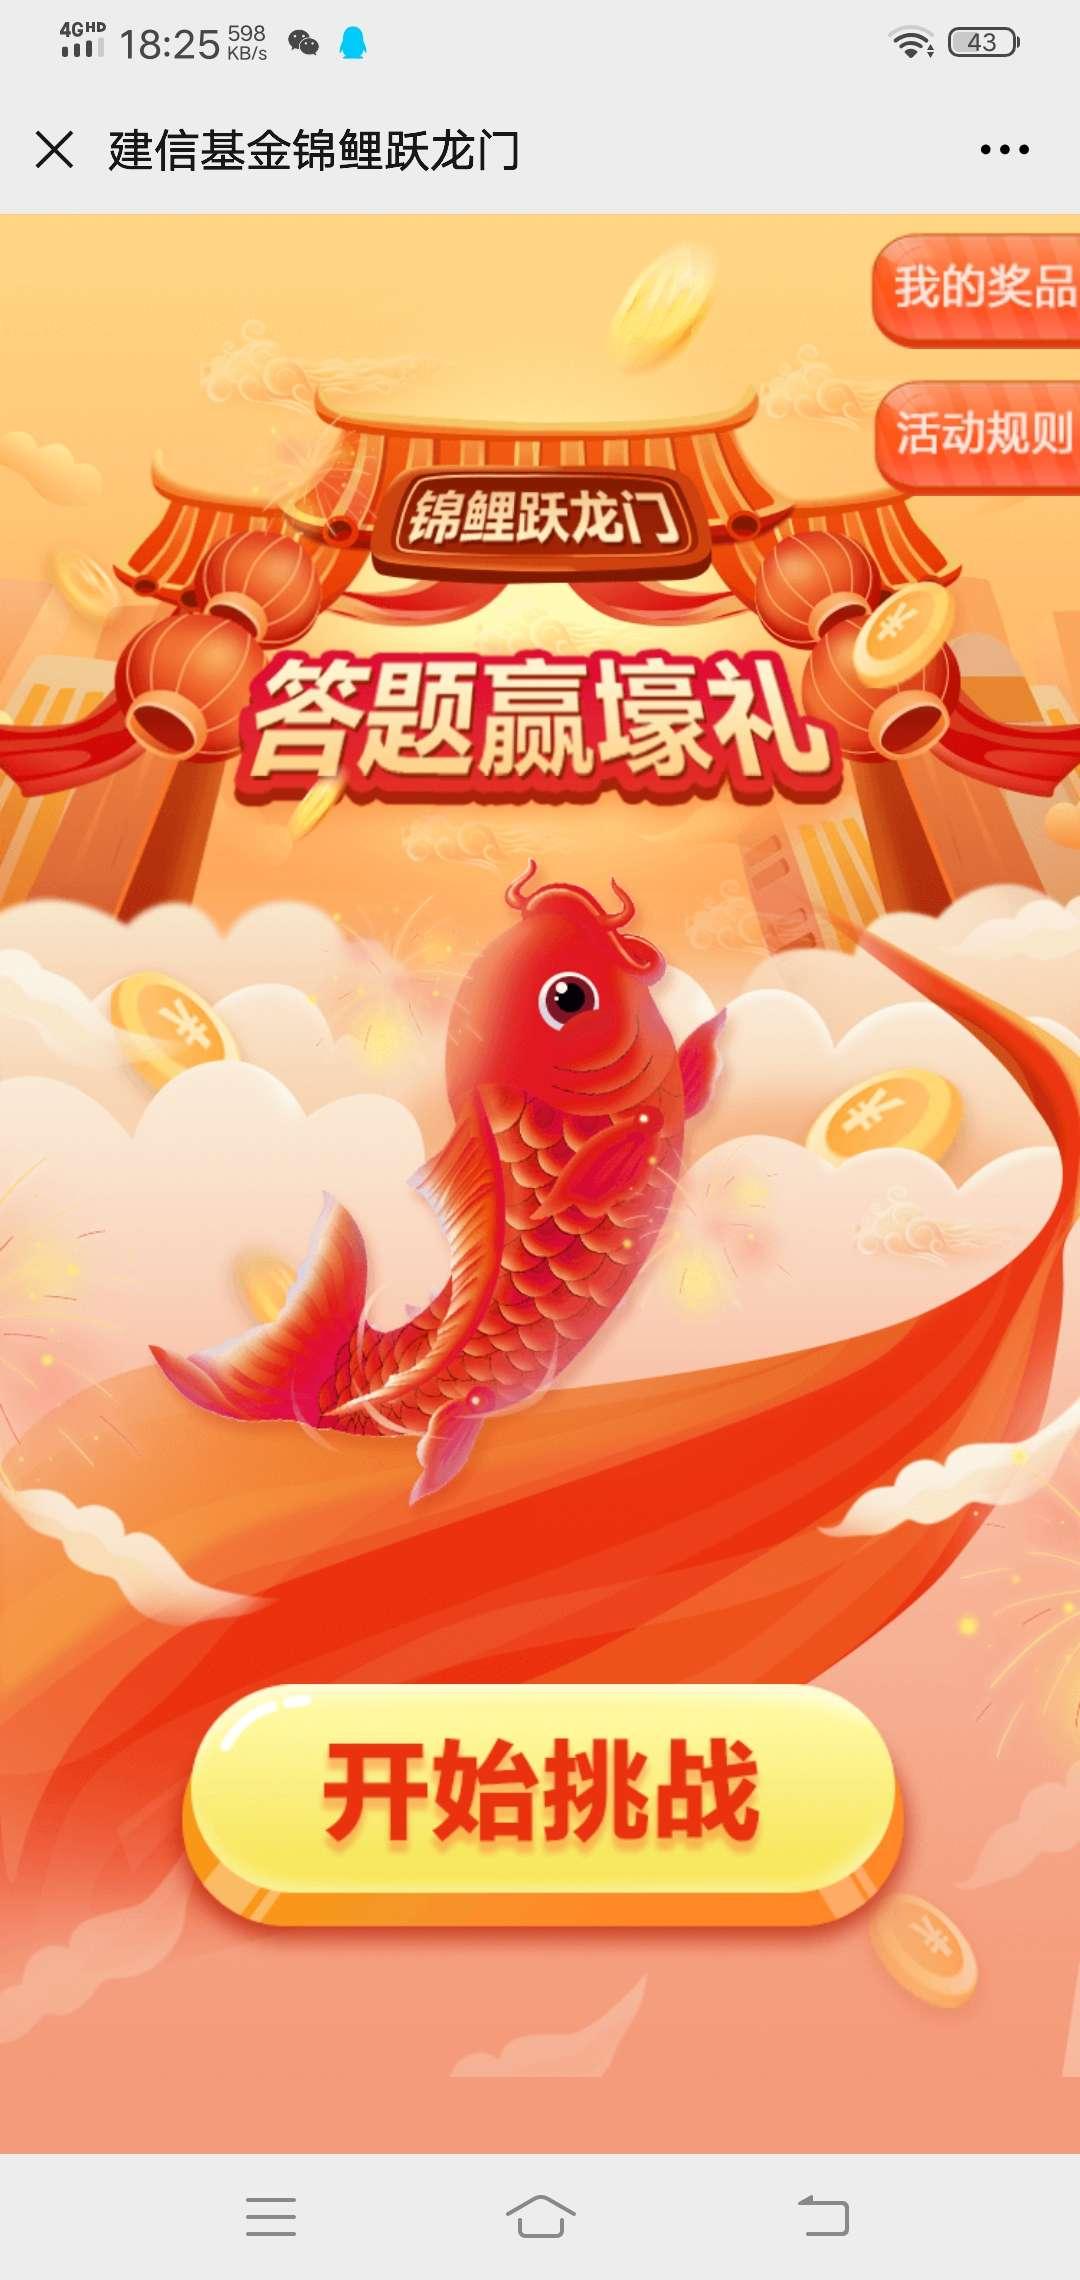 图片[2]-建信基金锦鲤跃龙门抽红包-老友薅羊毛活动线报网